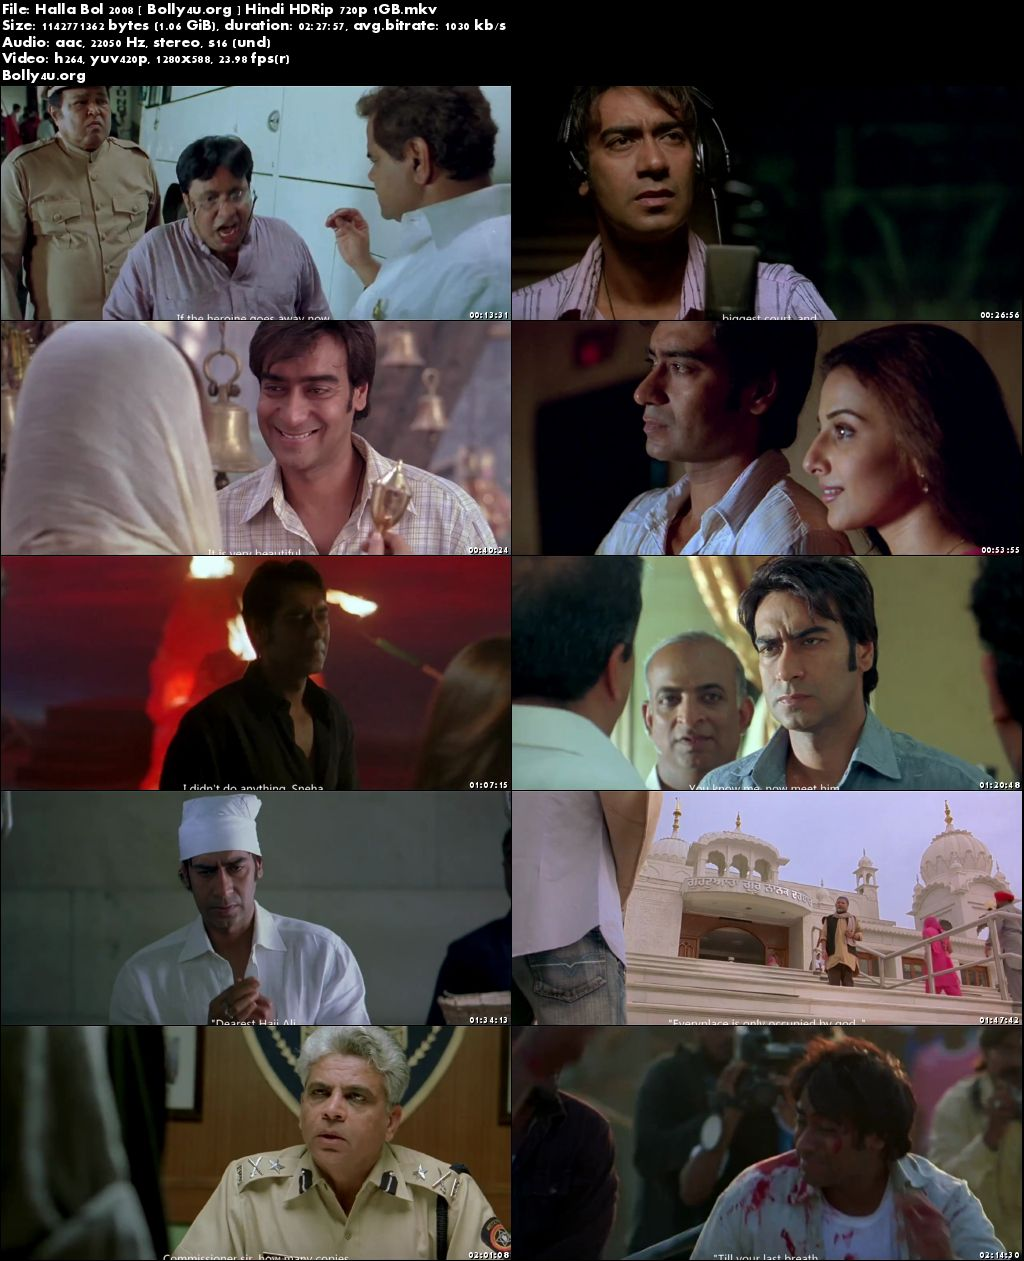 Halla Bol 2008 HDRip 720p Full Hindi Movie Download